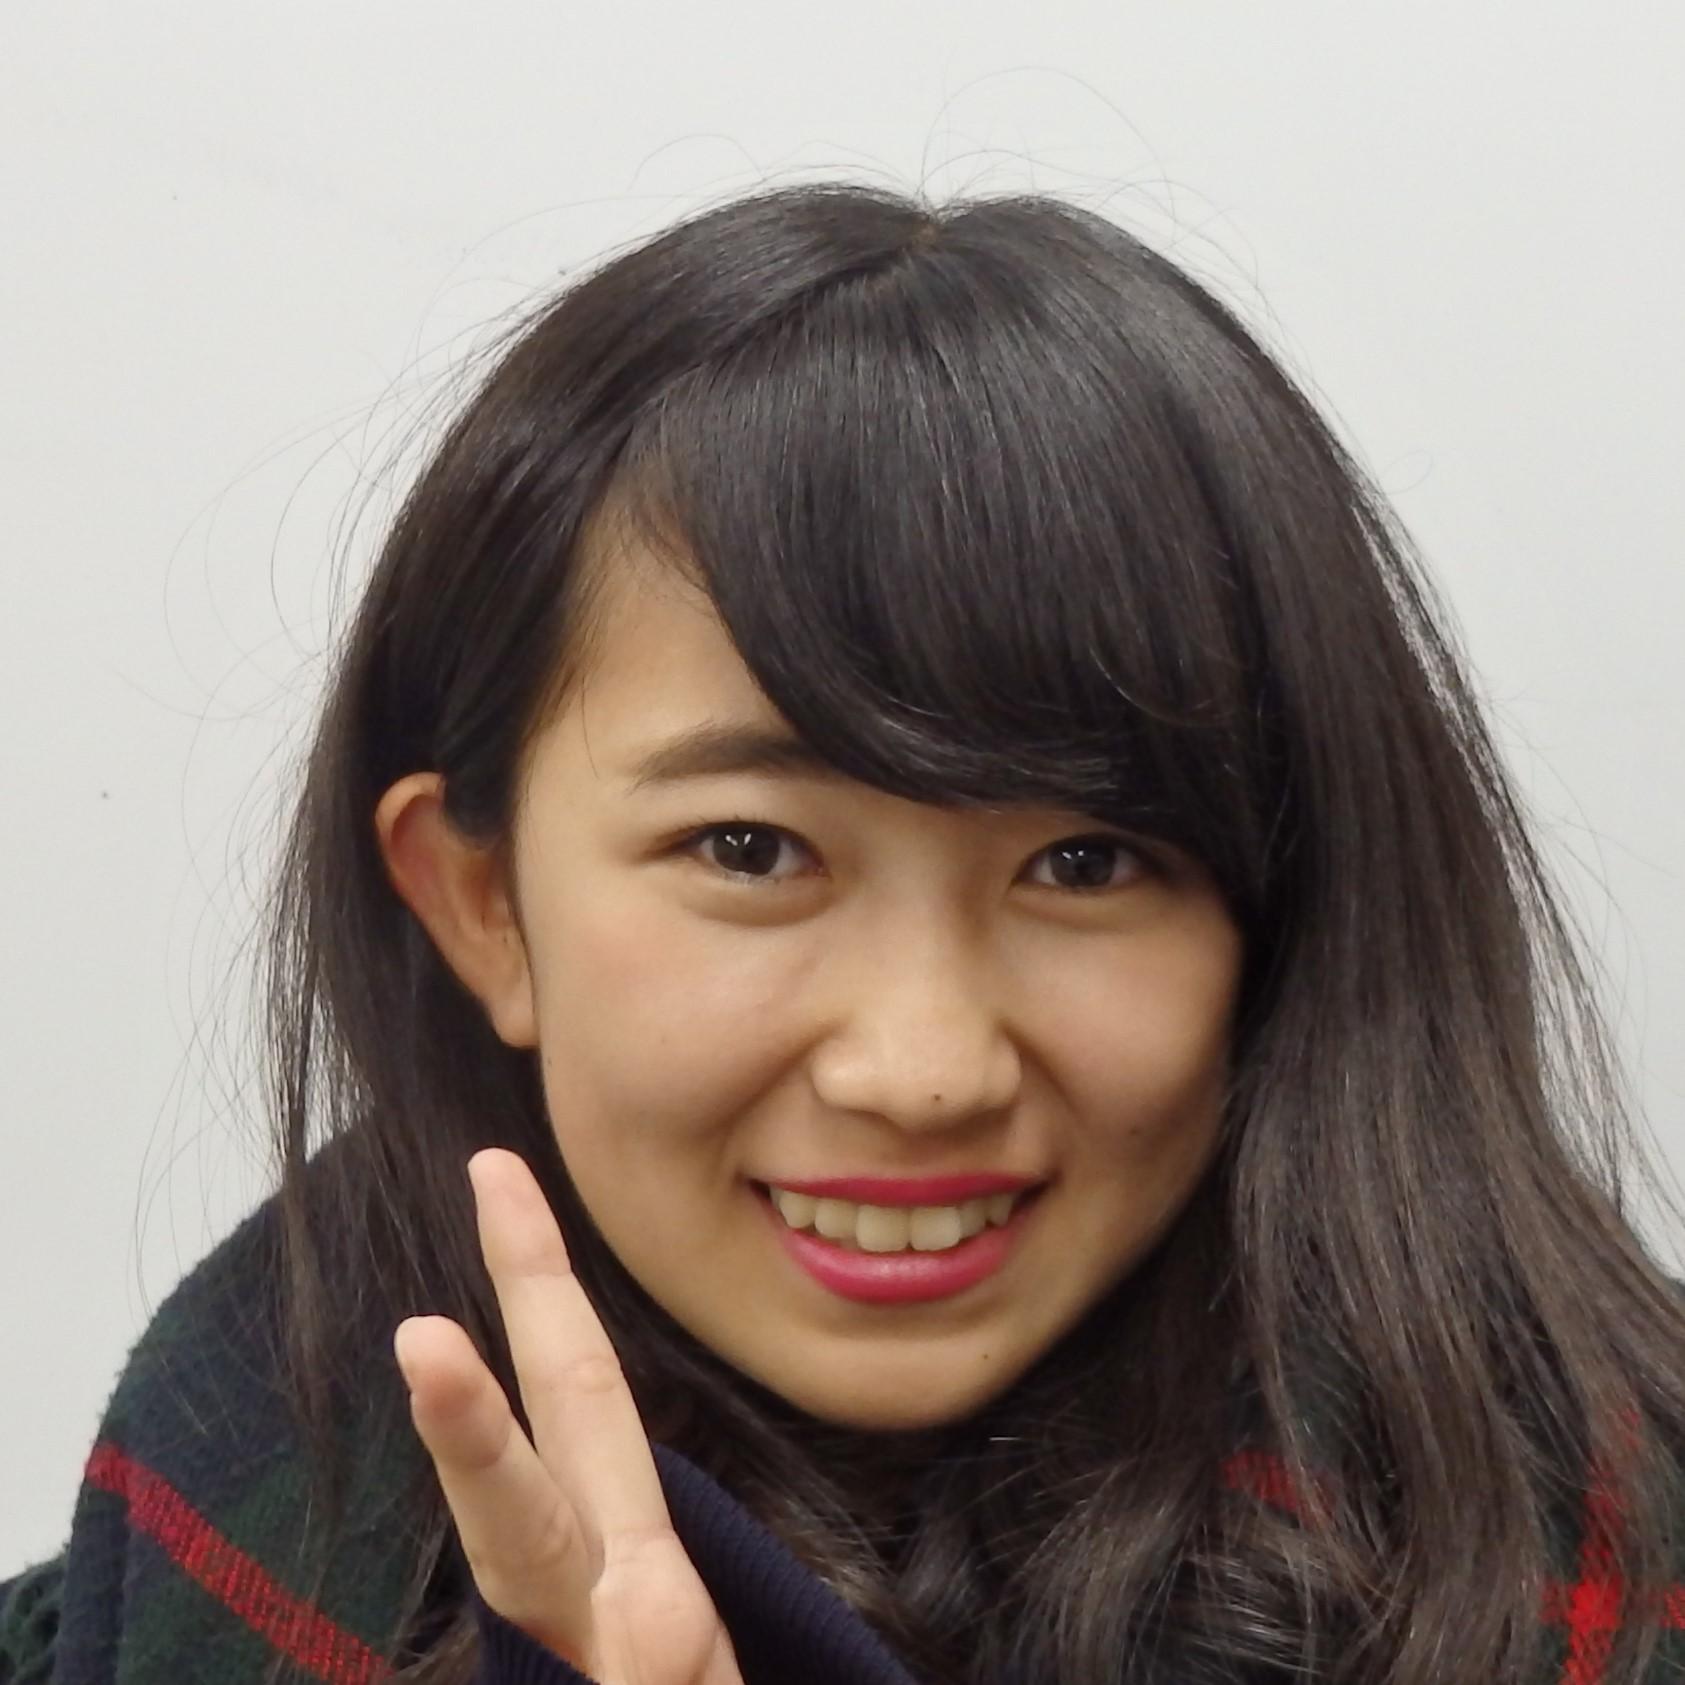 嶋田凪紗.jpg